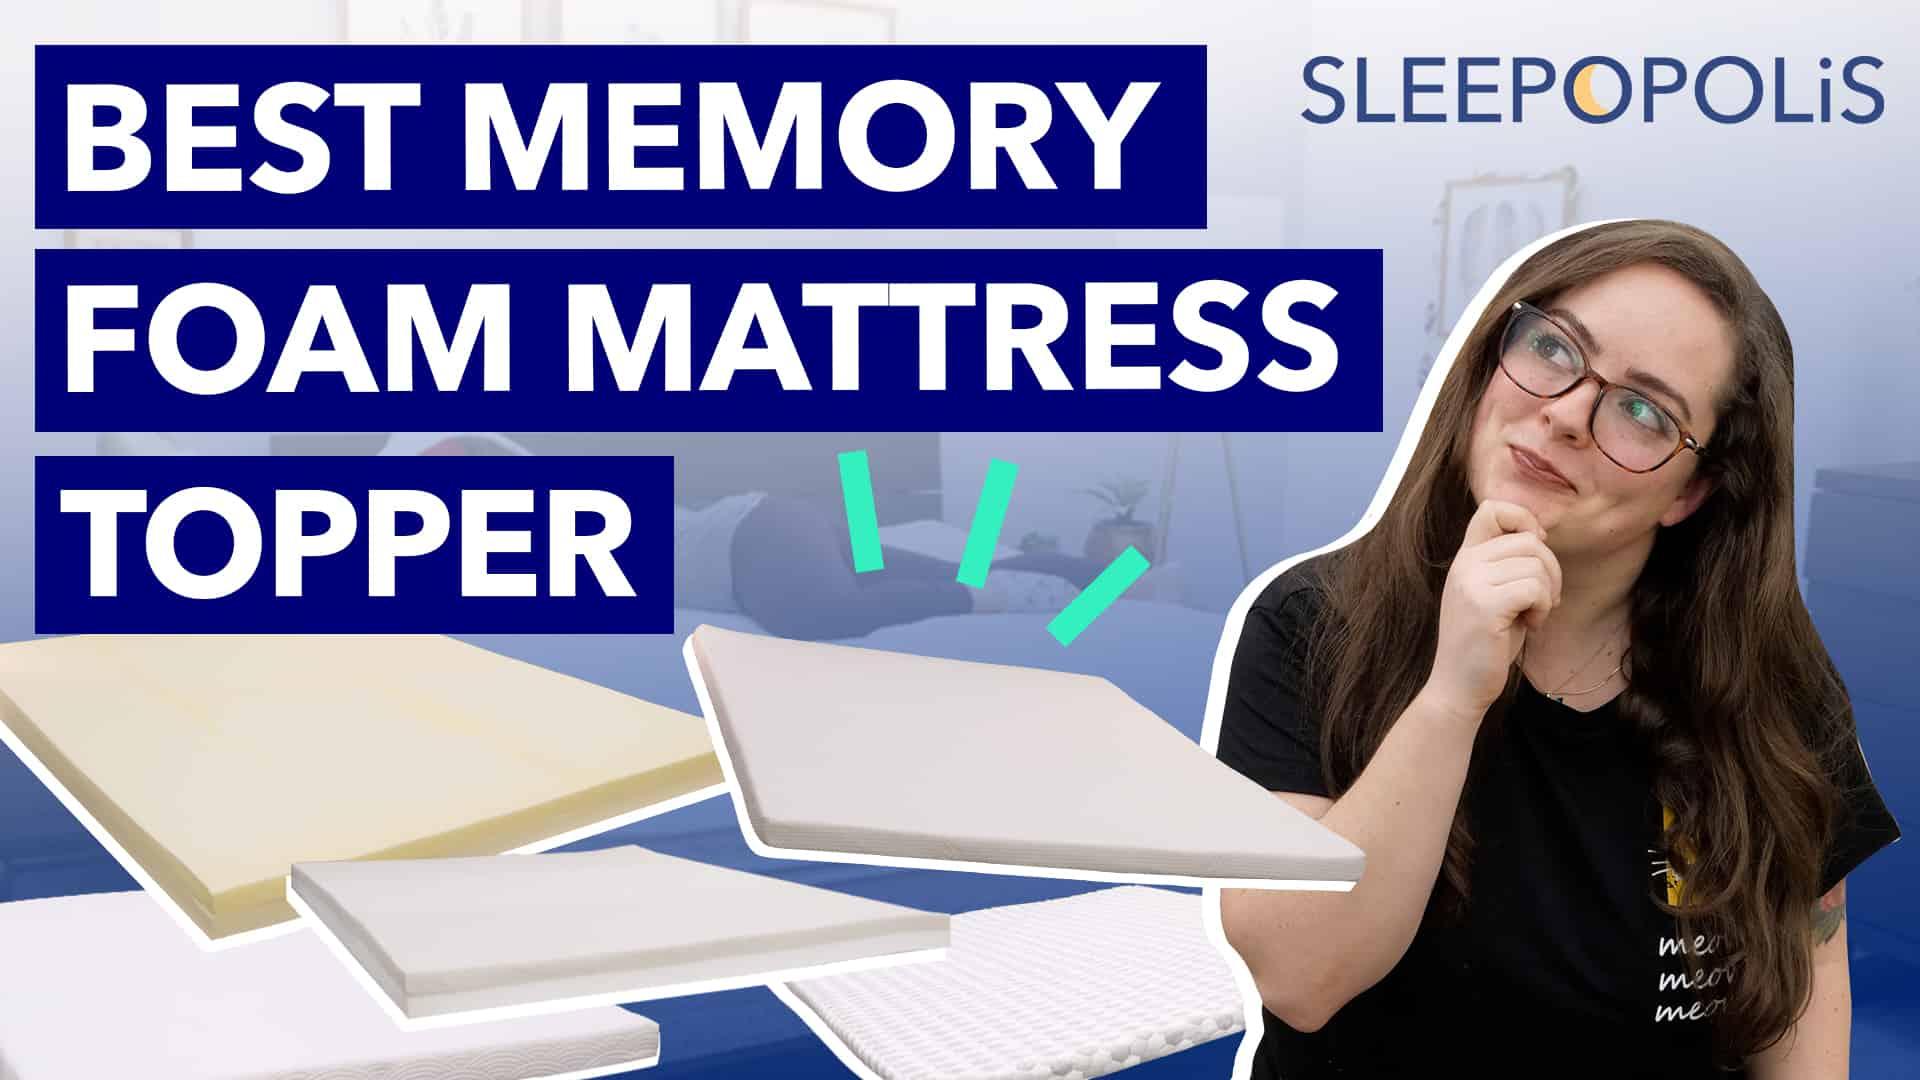 Best Memory Foam Mattress Toppers Sleepopolis